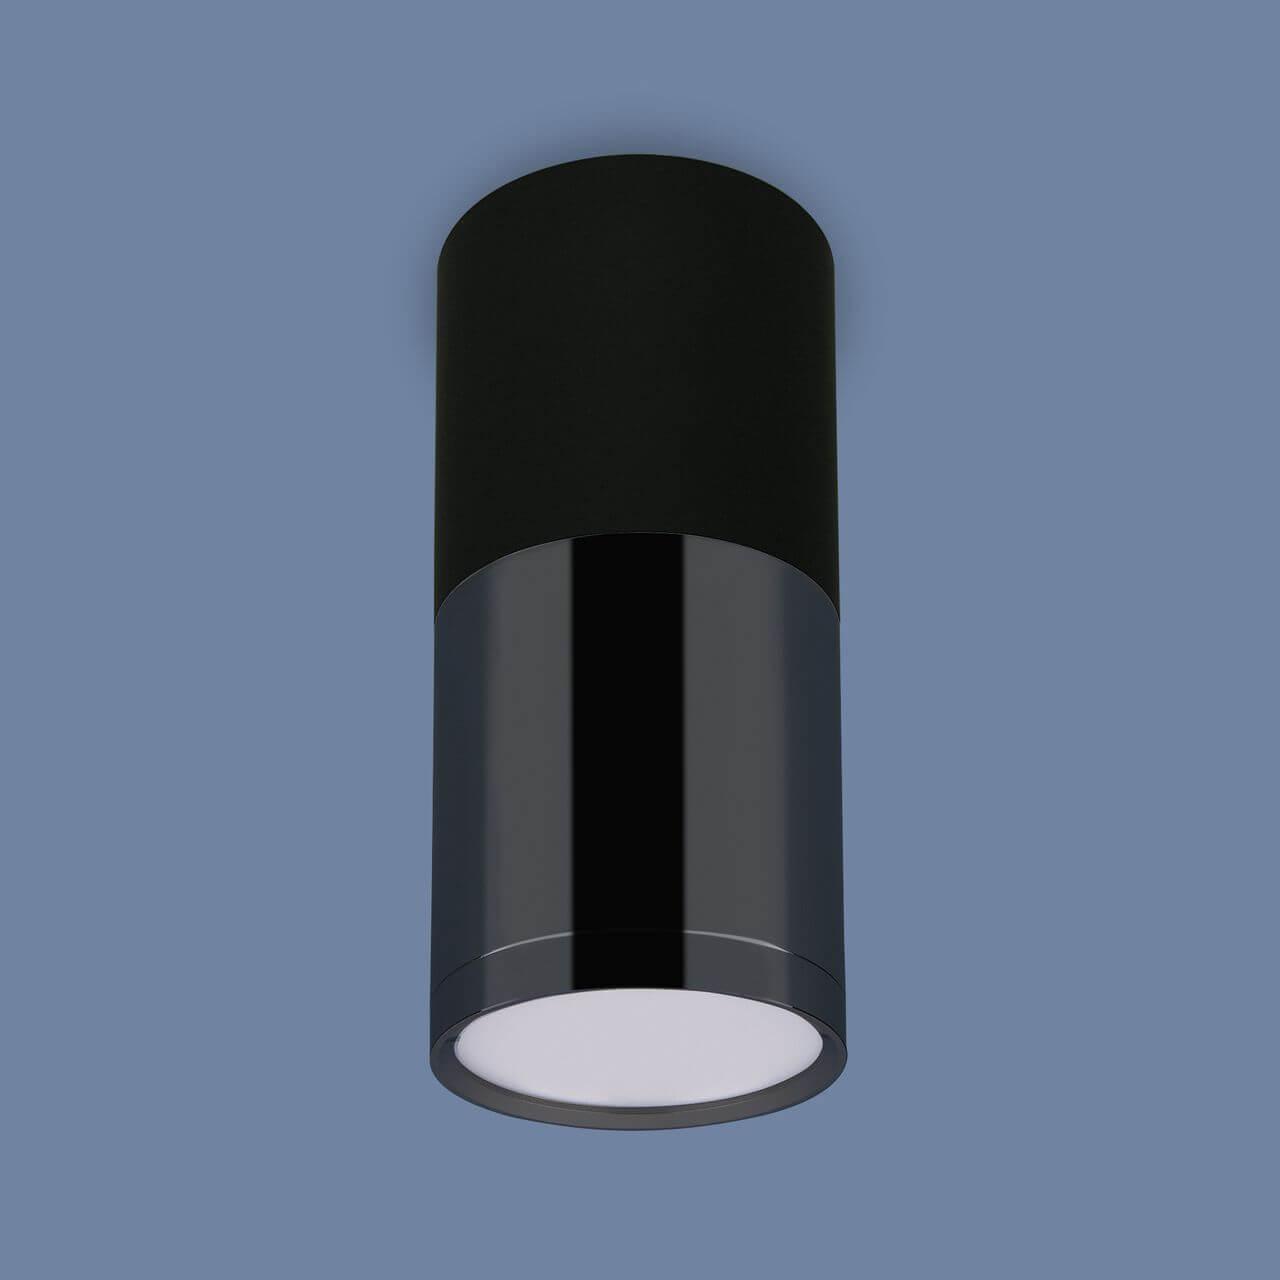 Потолочный светодиодный светильник Elektrostandard DLR028 6W 4200K черный матовый 4690389121999 цена